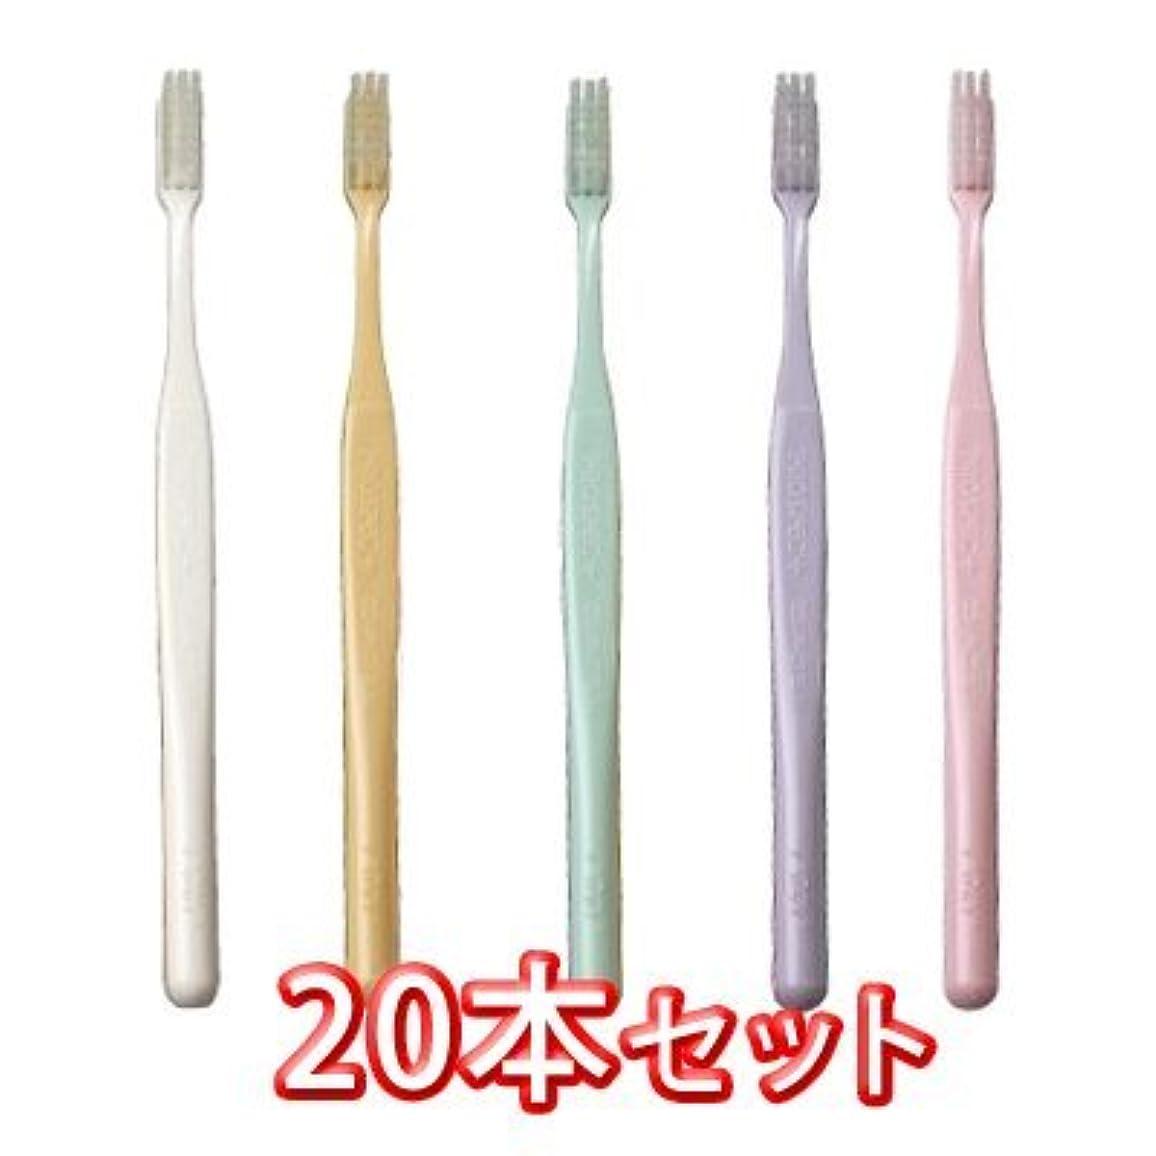 消毒するアジア人してはいけませんプロスペック 歯ブラシ プラス コンパクトスリム 20本入 ふつう色 M ふつう